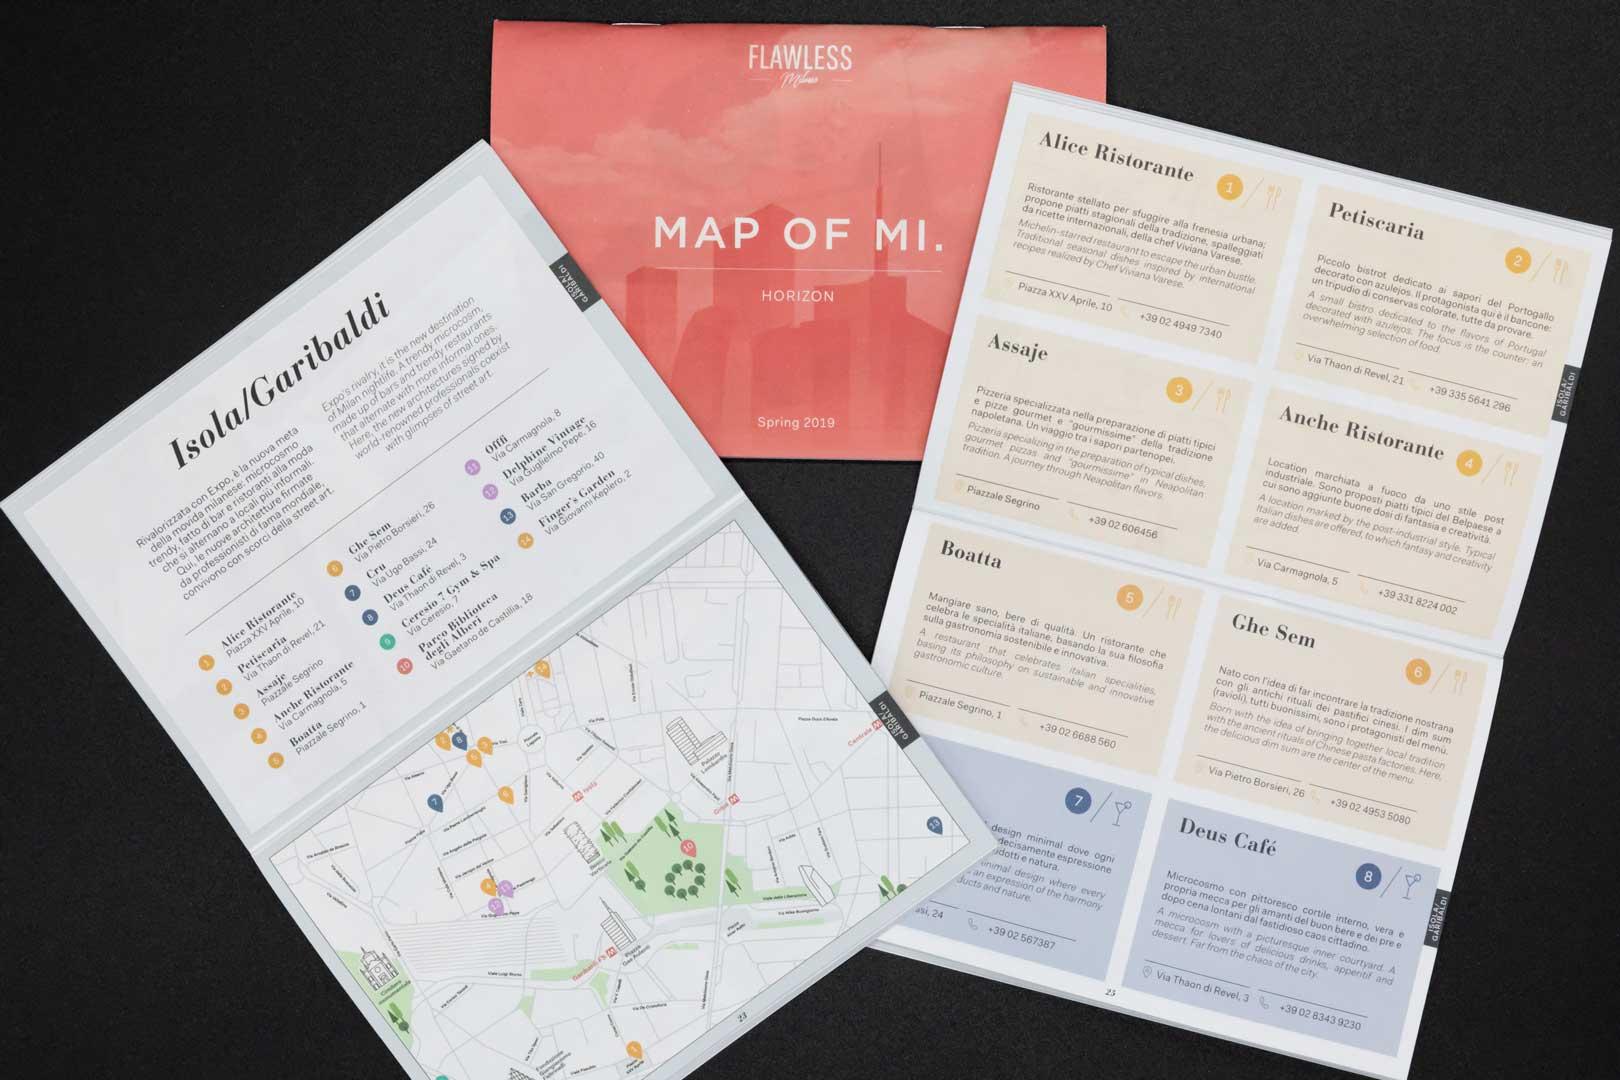 map-of-mi-horizon-spring-2019-quartiere